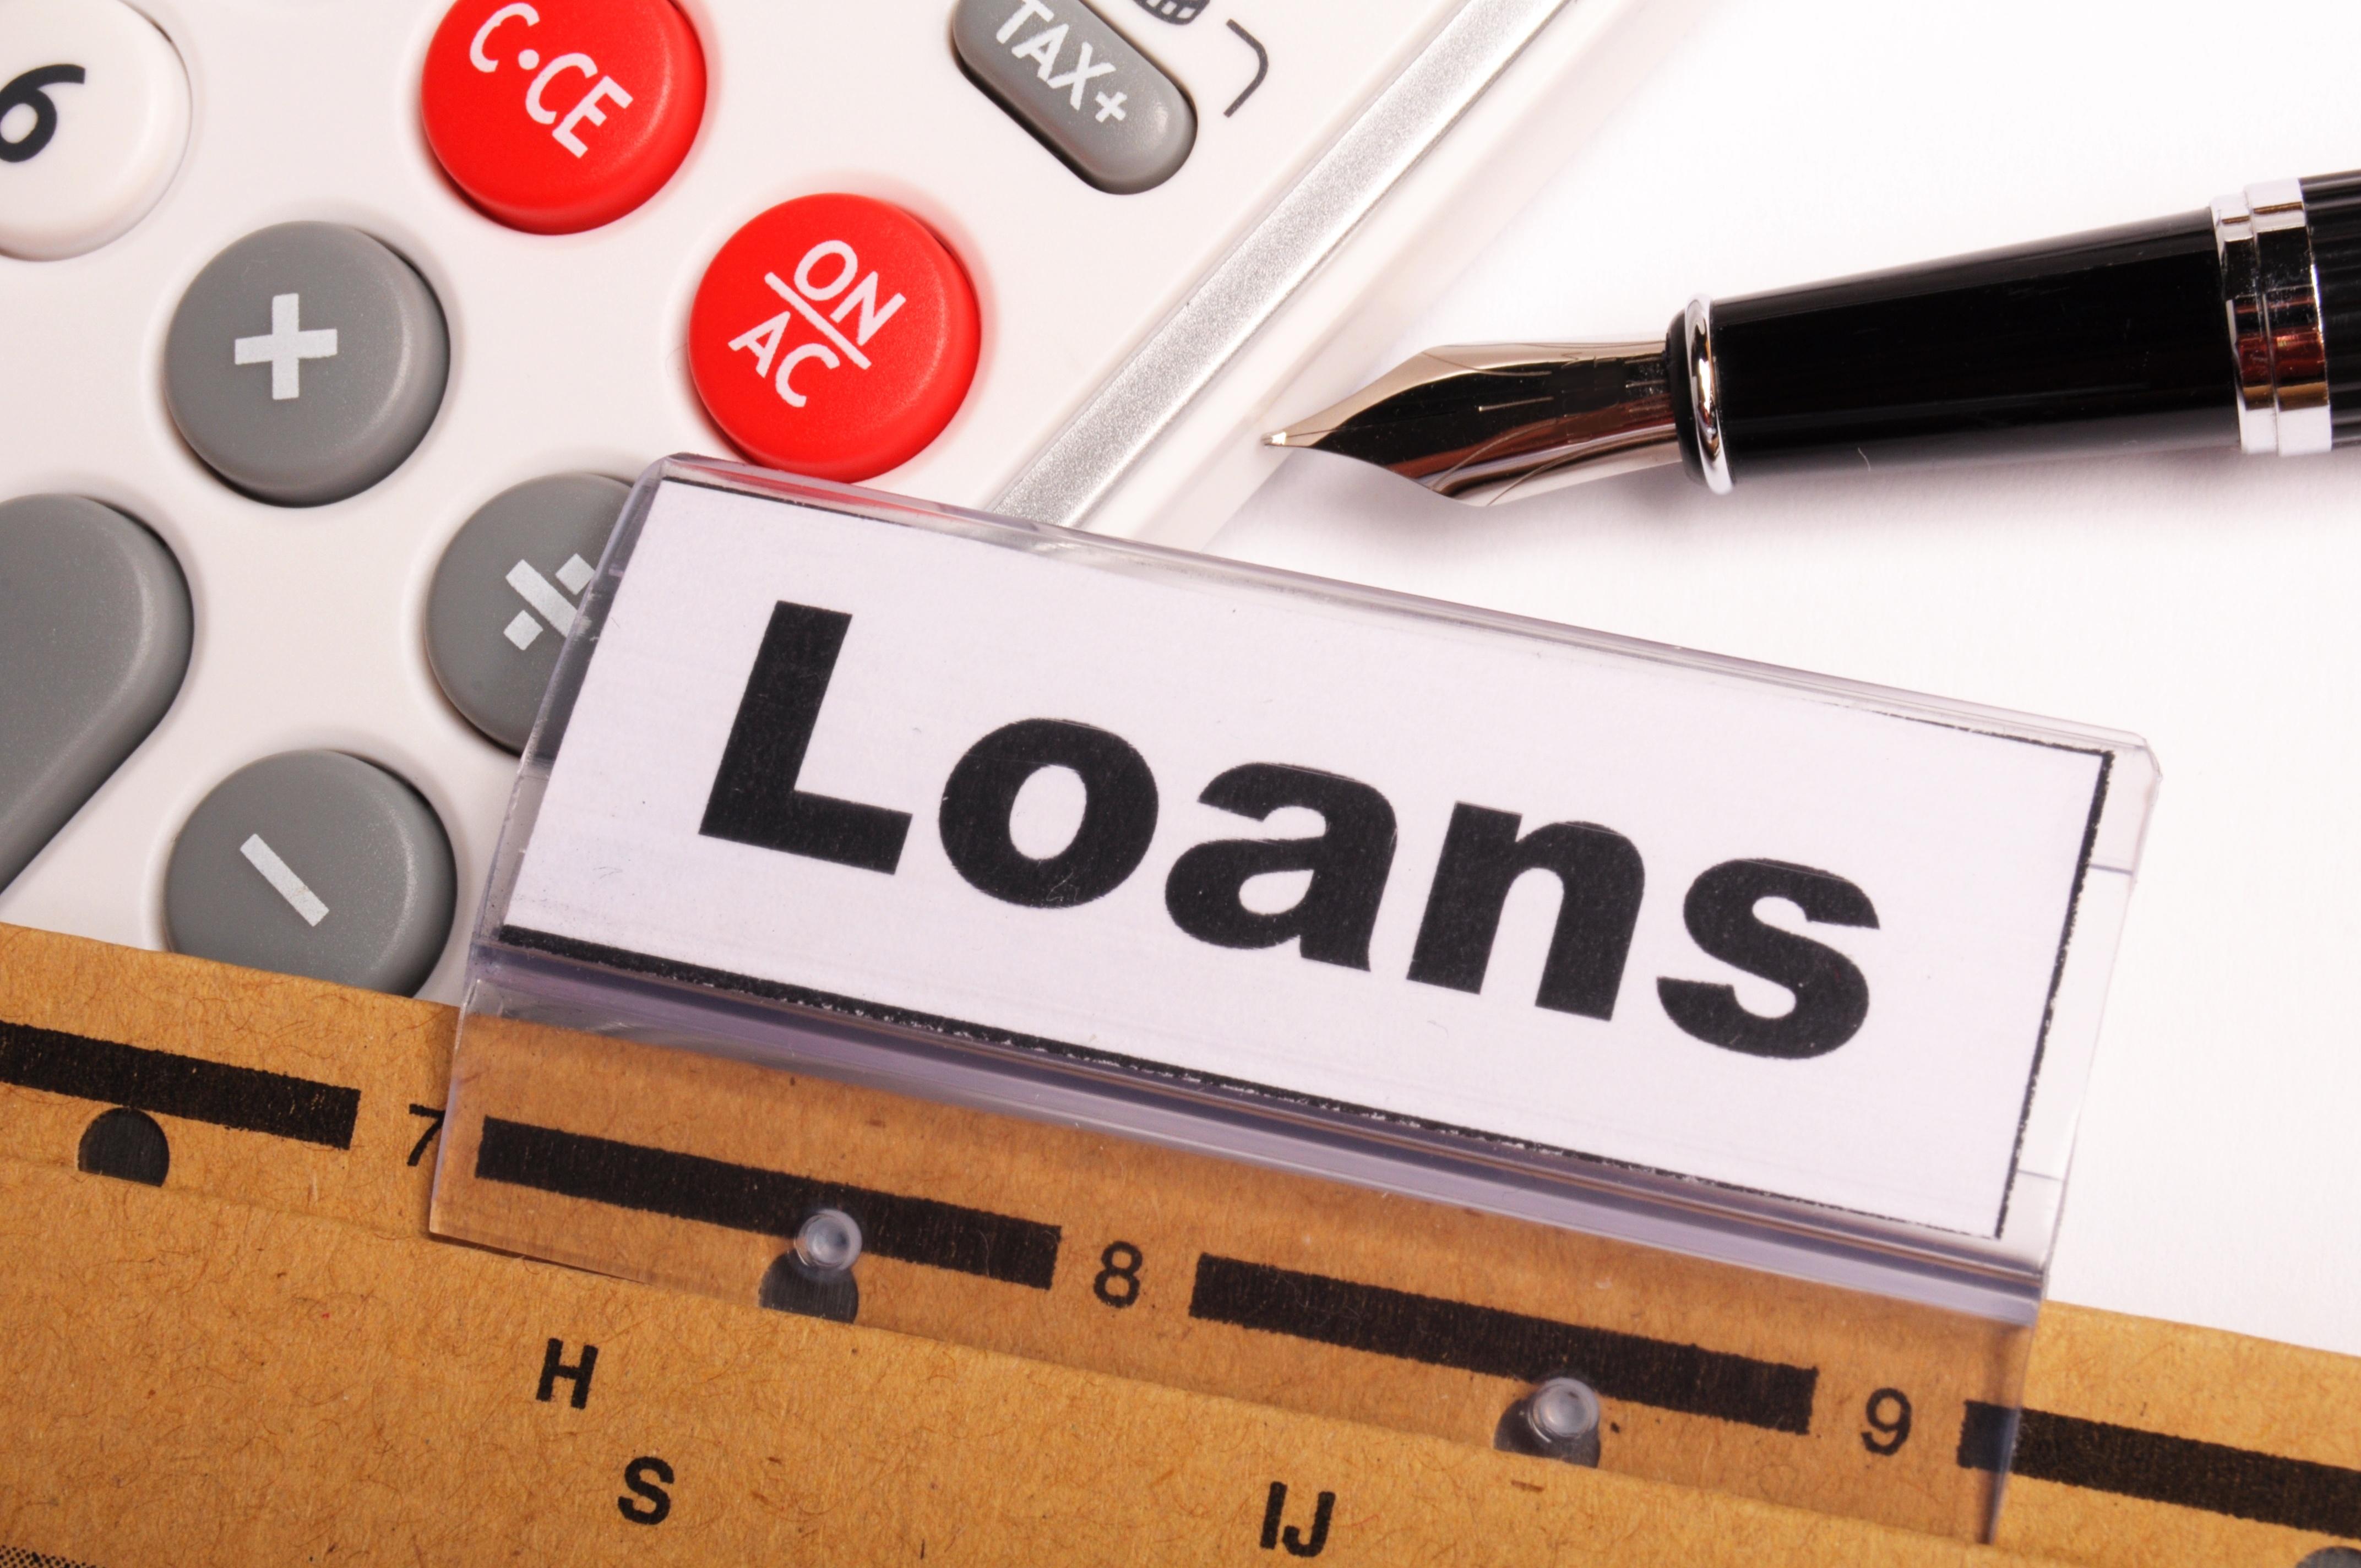 Ile trzeba zarabiać, żeby dostać kredyt w wysokości pół miliona złotych?